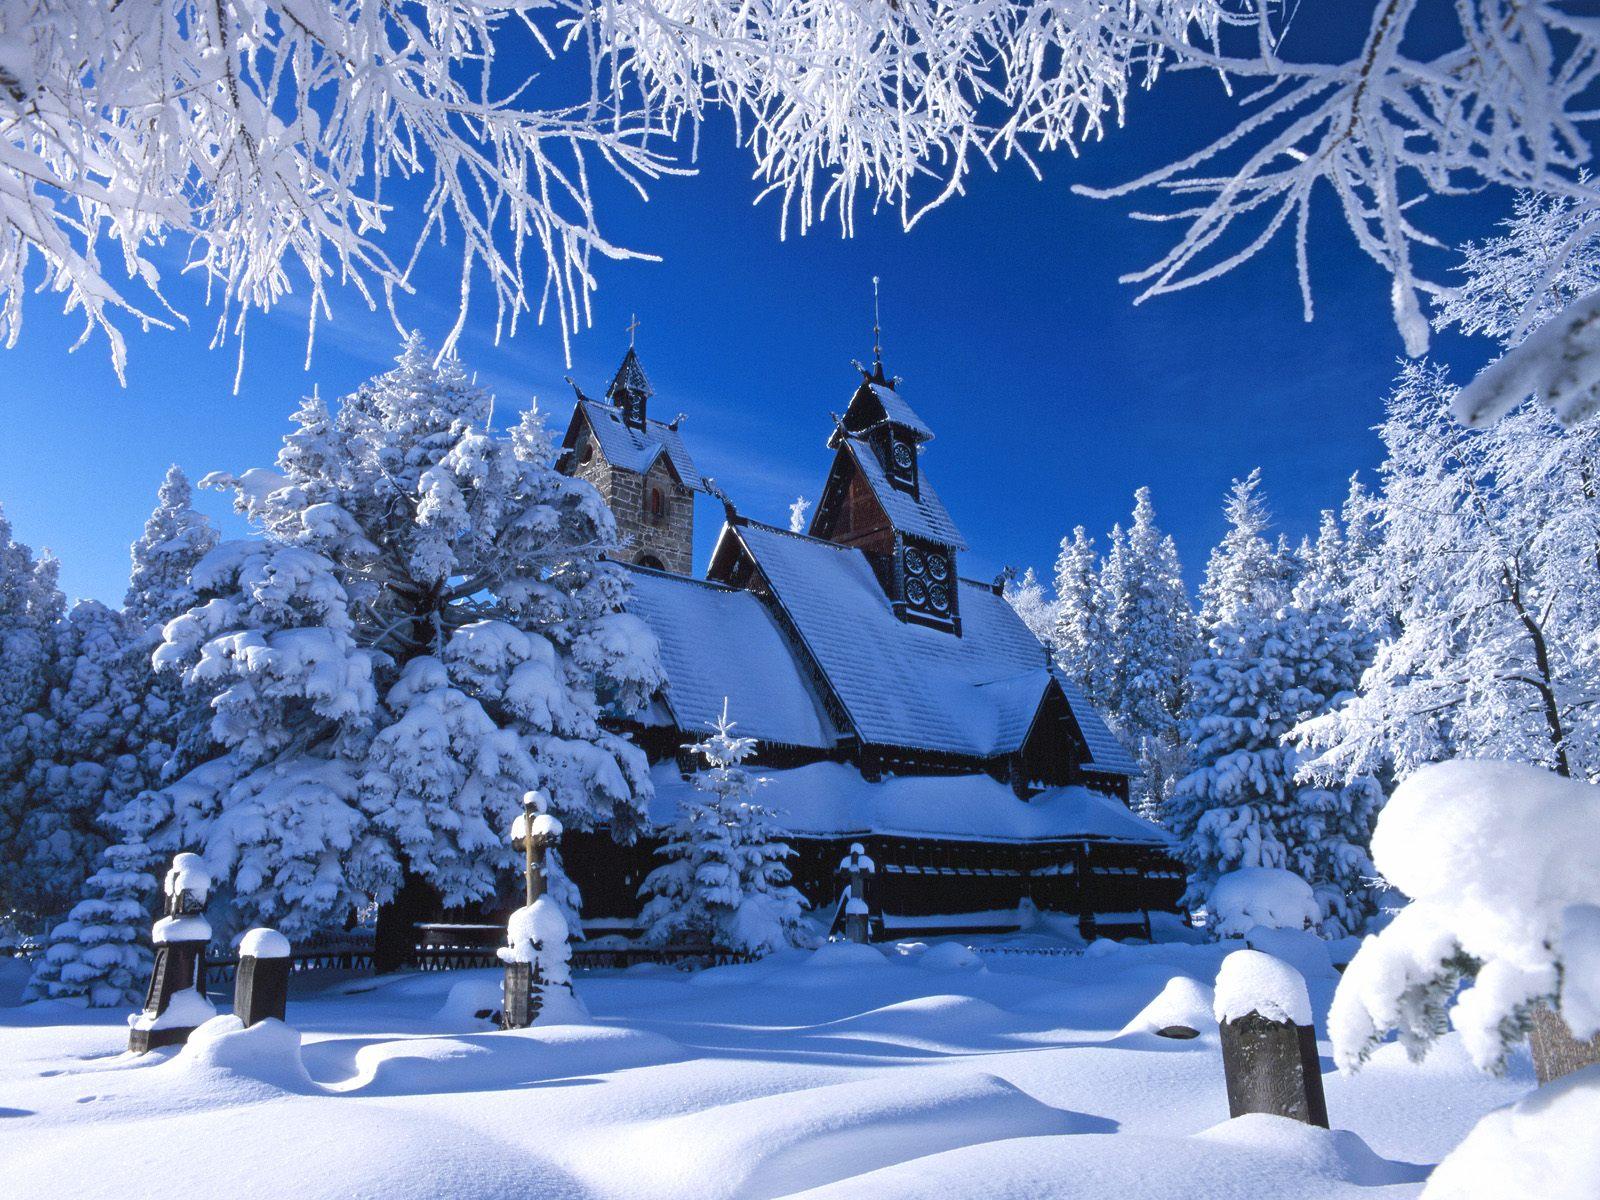 http://4.bp.blogspot.com/-b4QcTqmfGHI/TefN_yVXHzI/AAAAAAAAAl8/4TzdnDxLTuw/s1600/Wang+Temple%252C+Karpacz%252C+Poland.jpg